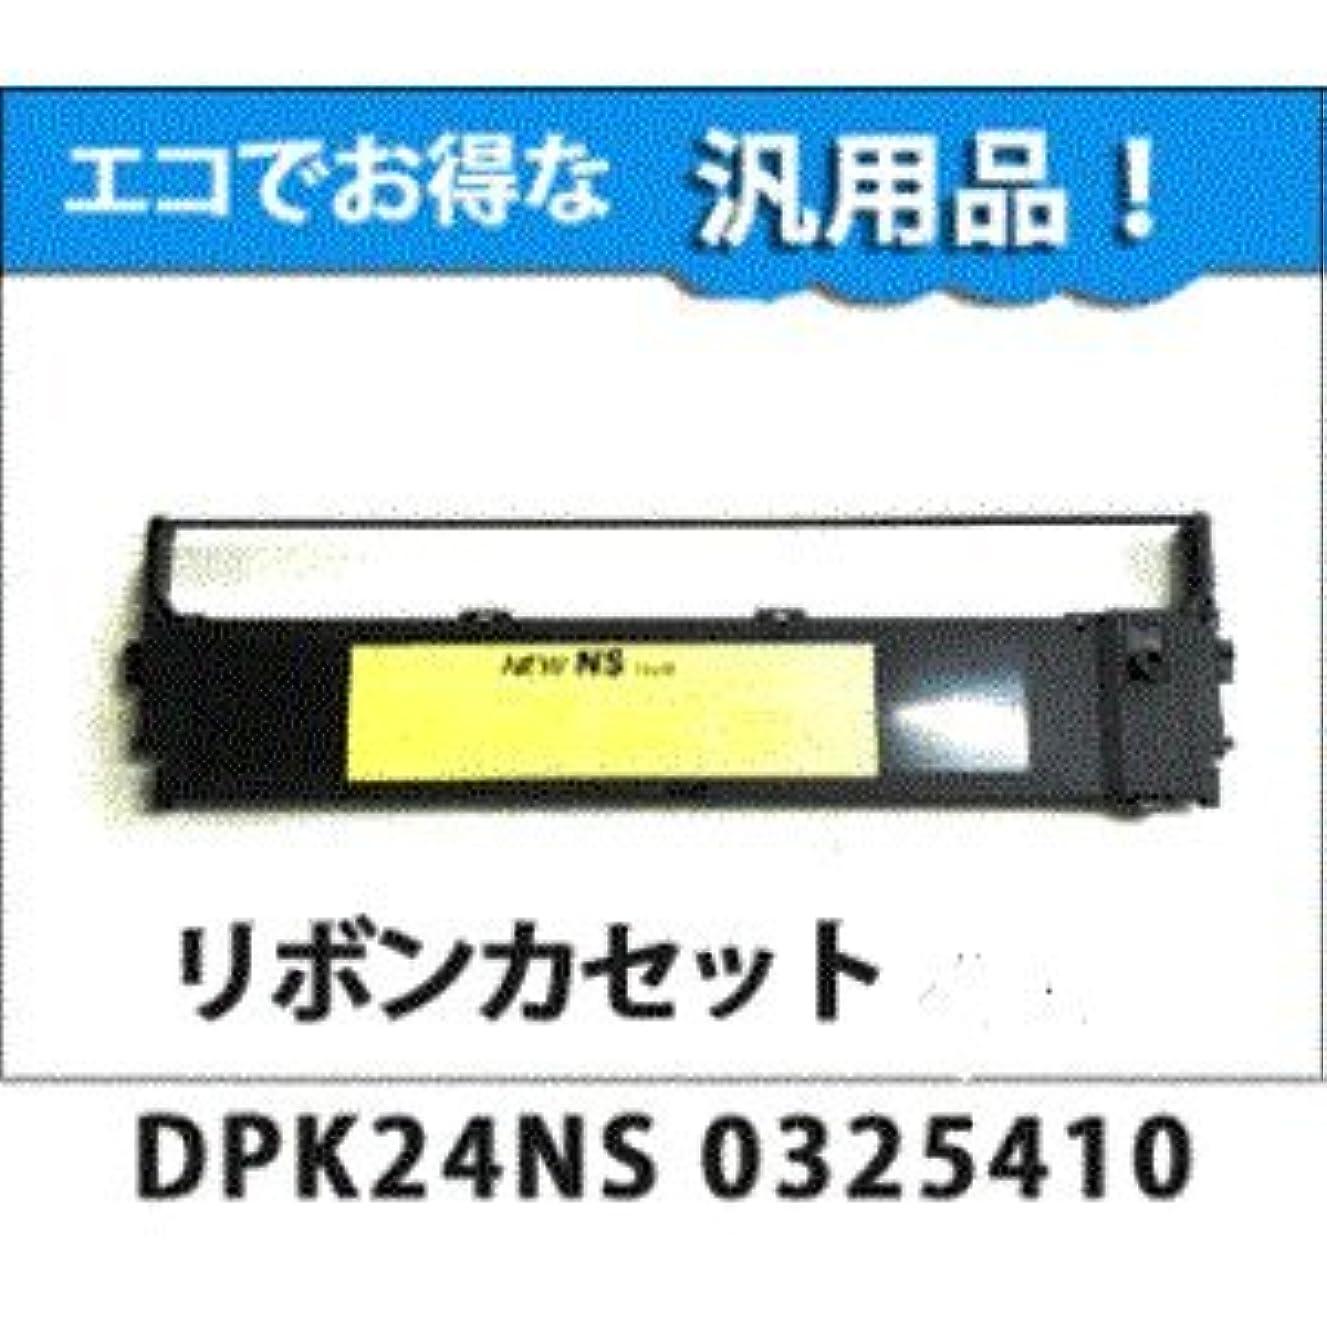 殺人指定する賞富士通 DPK24NS (0325410)(CA02460-D111)/EPSON VP5200RC 黒 ドットプリンタ汎用インクリボンカセット 2個セット 工場直送品A